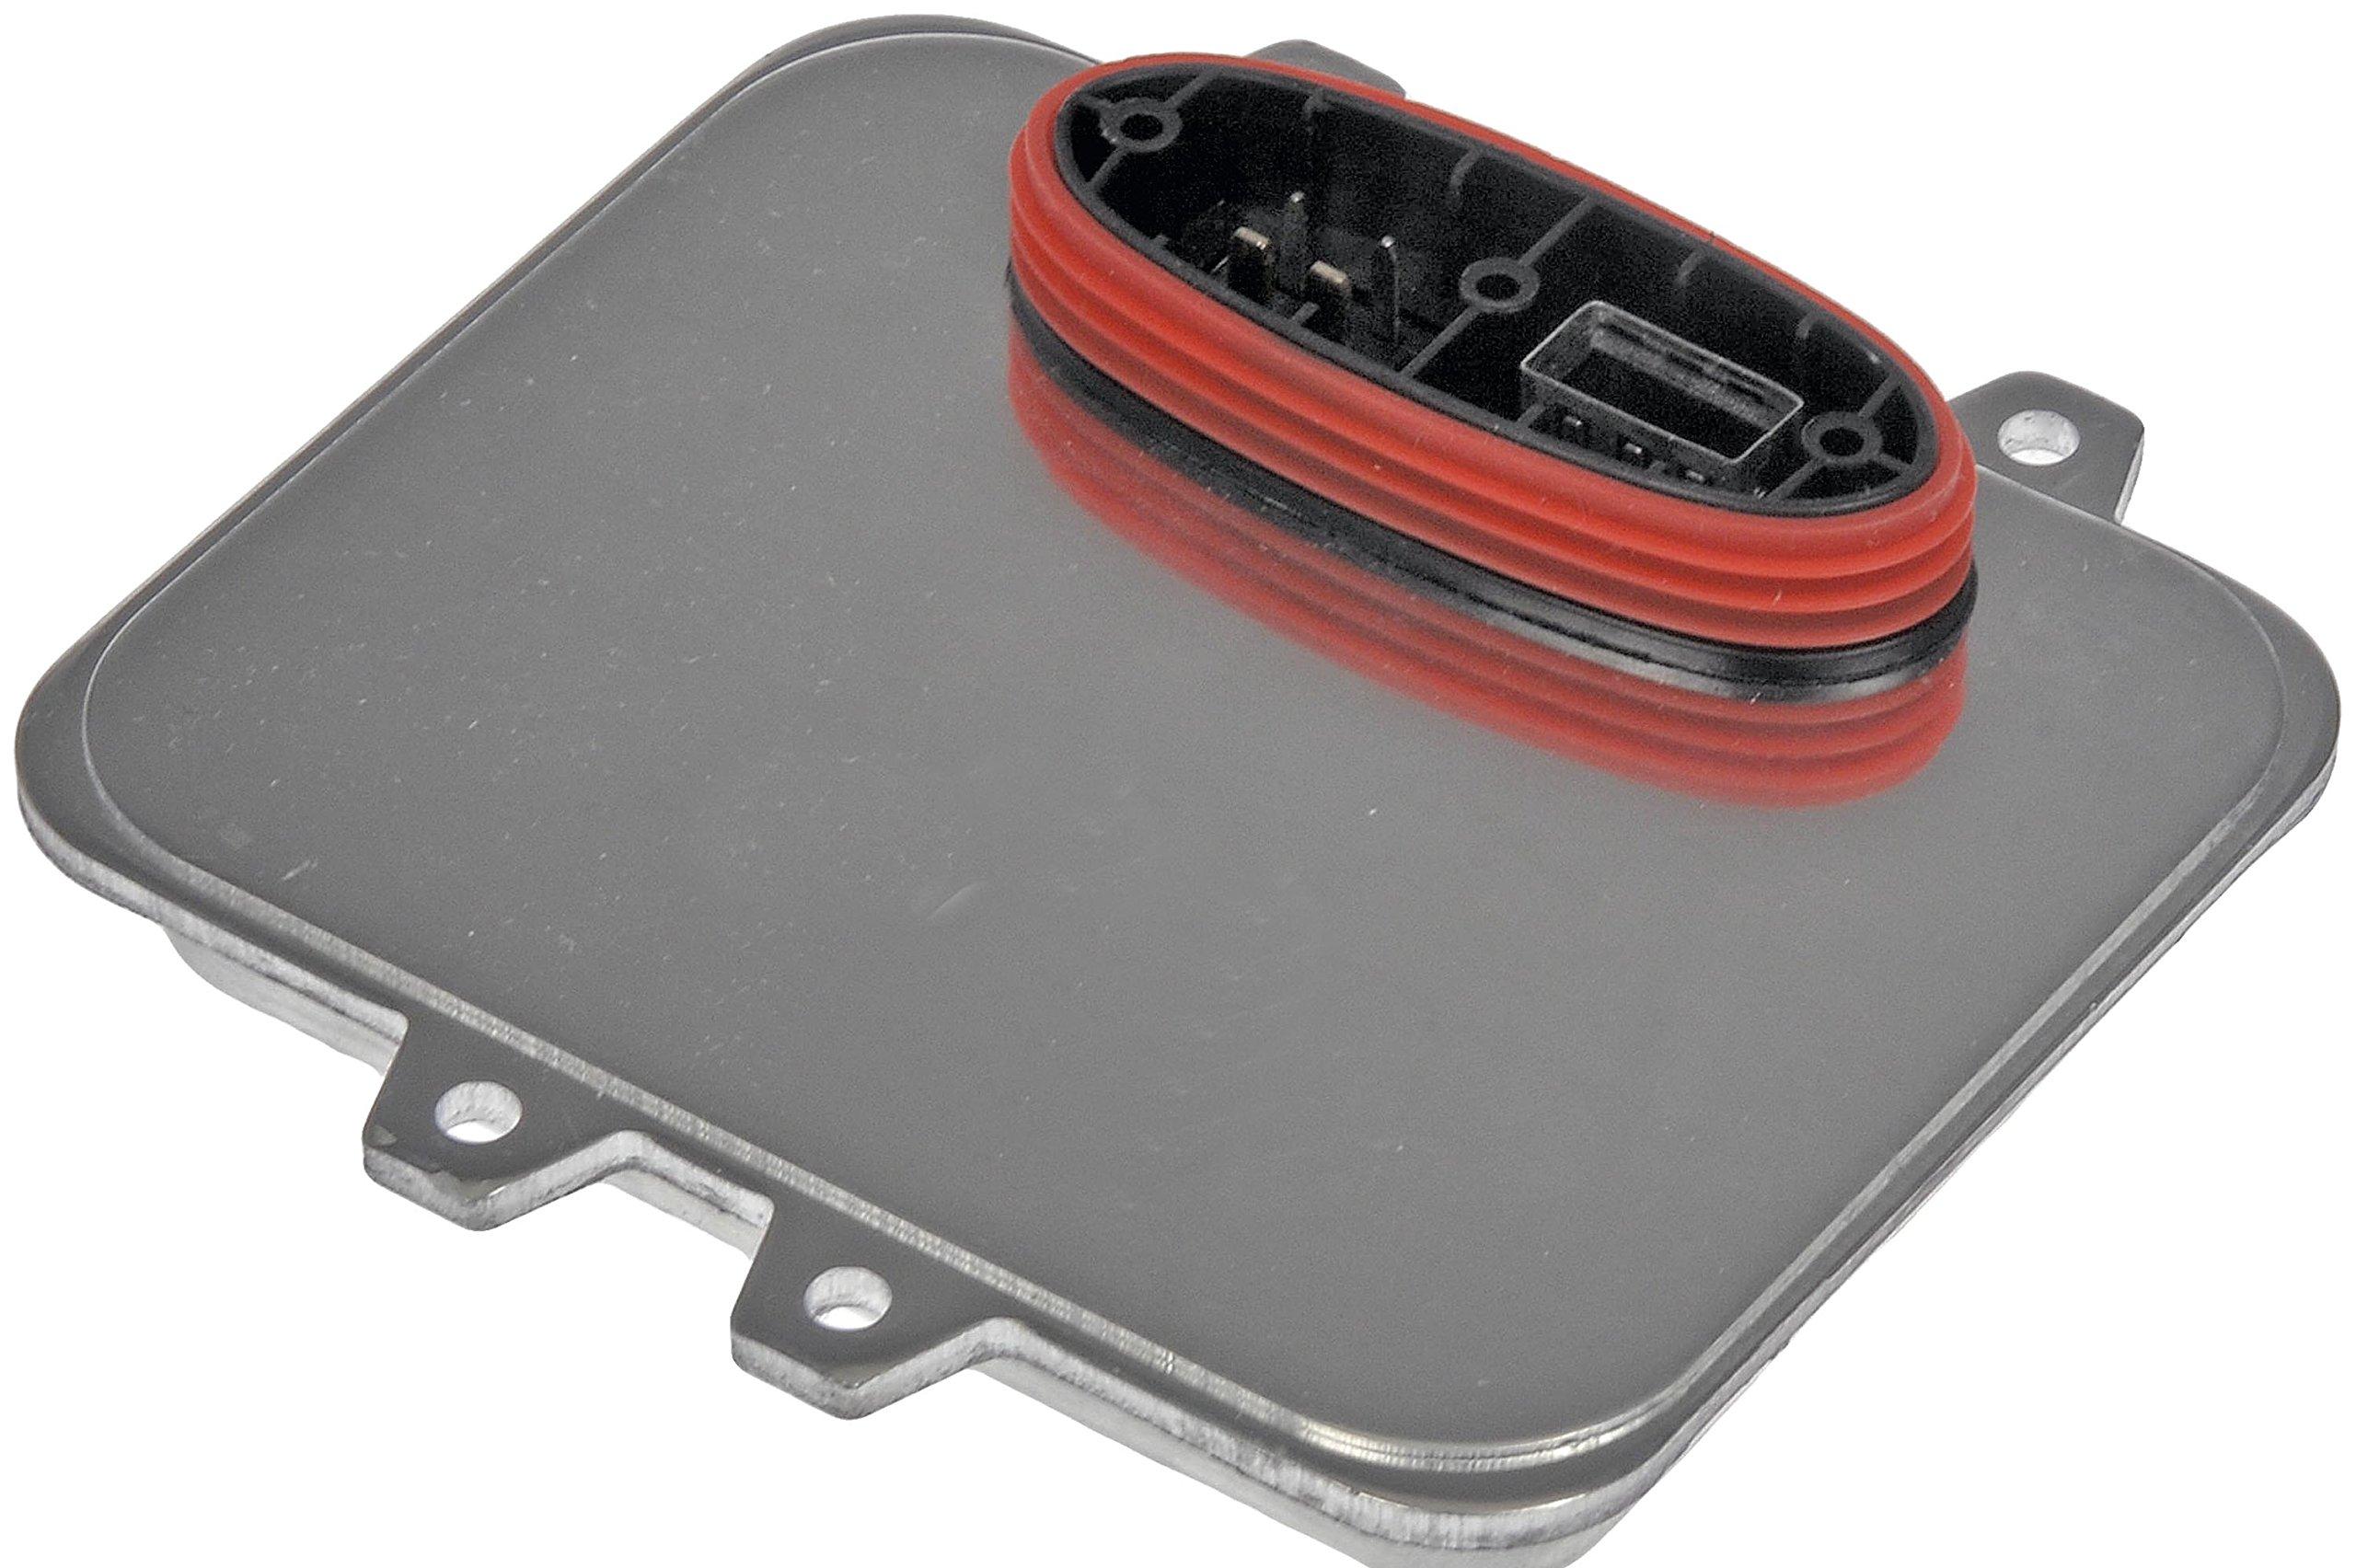 Dorman 601-6001 High Intensity Discharge Lighting Ballast